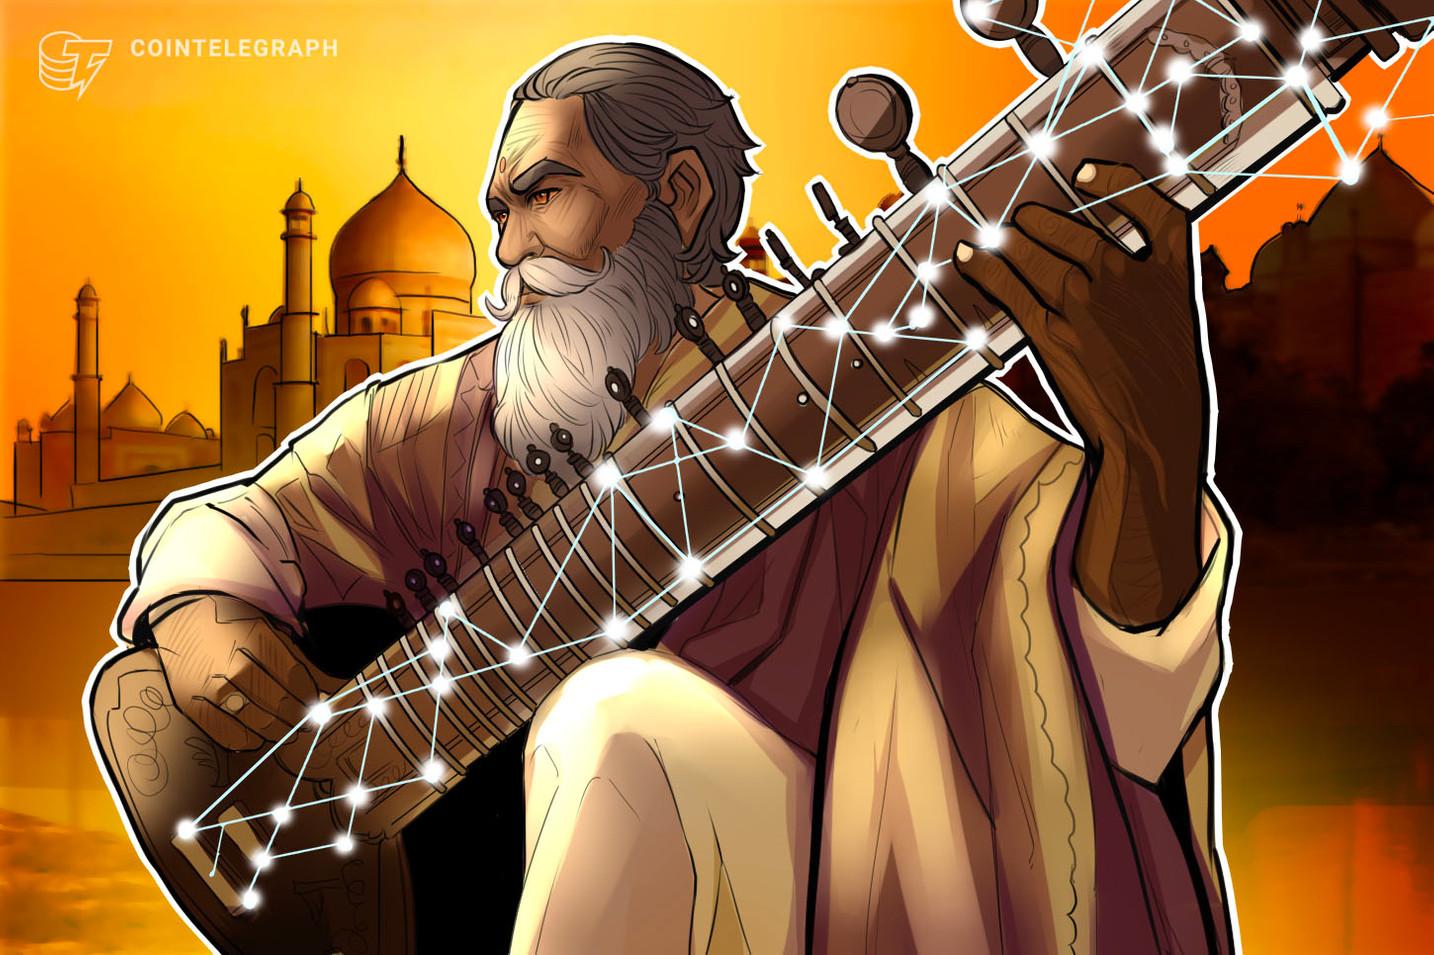 El regulador de valores de la India apuesta por la cadena de bloques